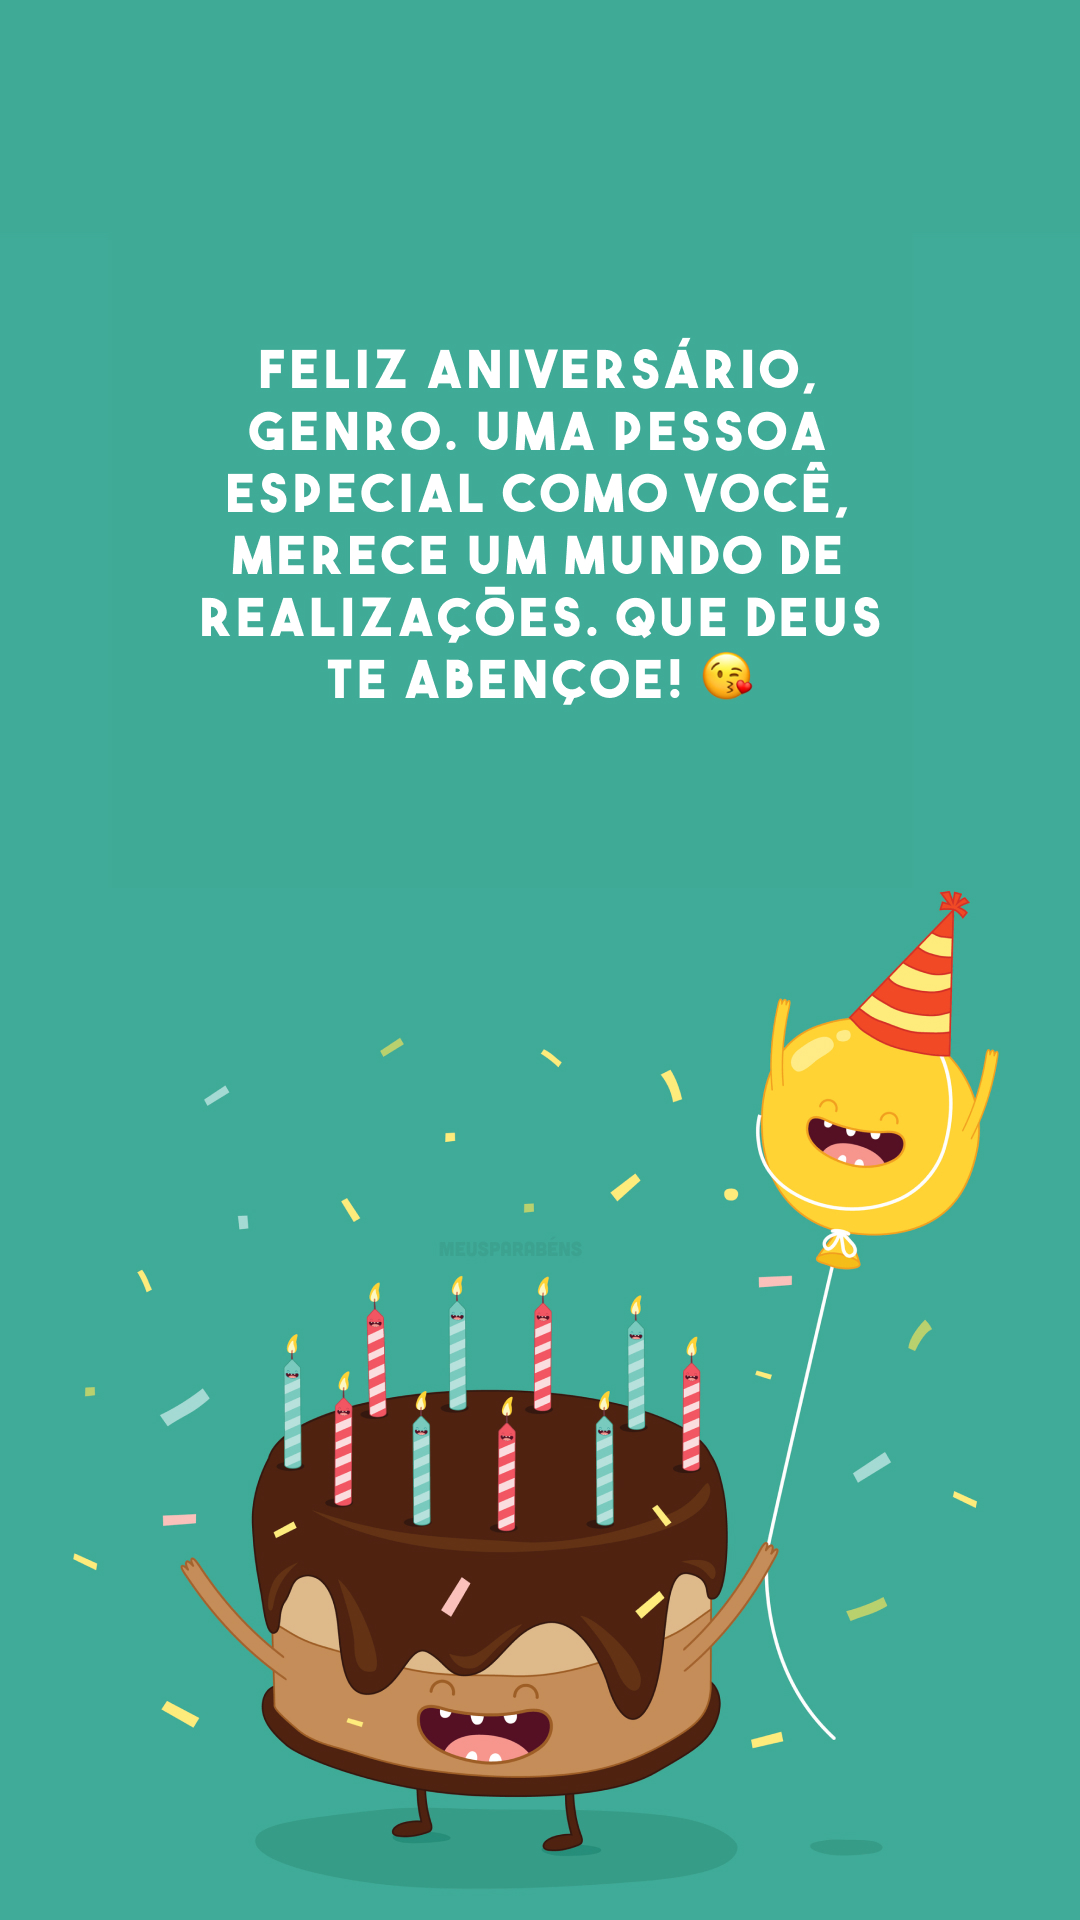 Feliz aniversário, genro. Uma pessoa especial como você, merece um mundo de realizações. Que Deus te abençoe! 😘